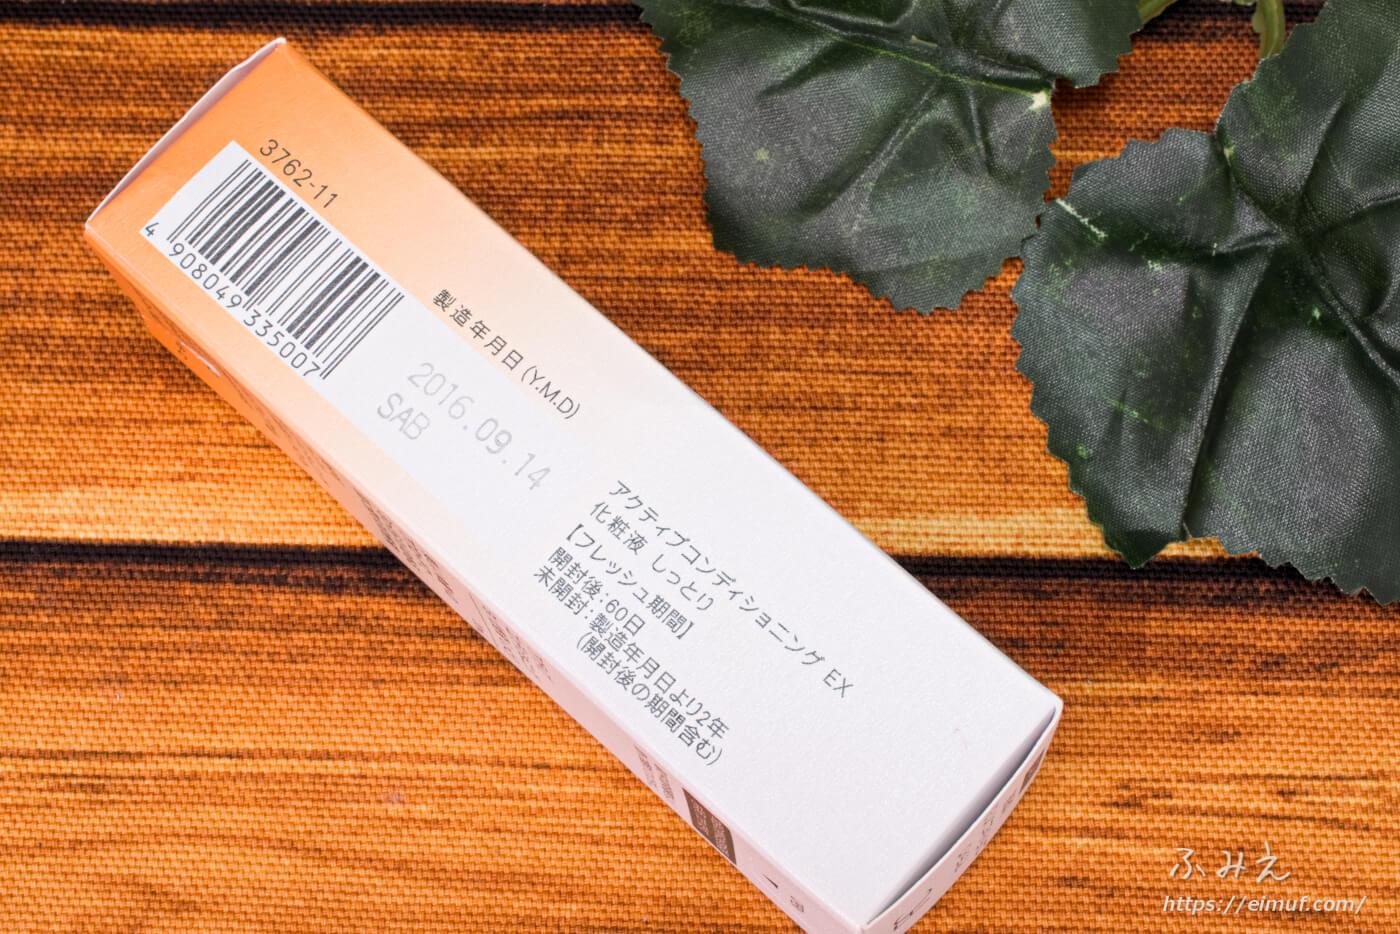 ファンケル 無添加エンリッチ (旧無添加 アクティブコンディショニングEX 化粧液II) パッケージ側面2